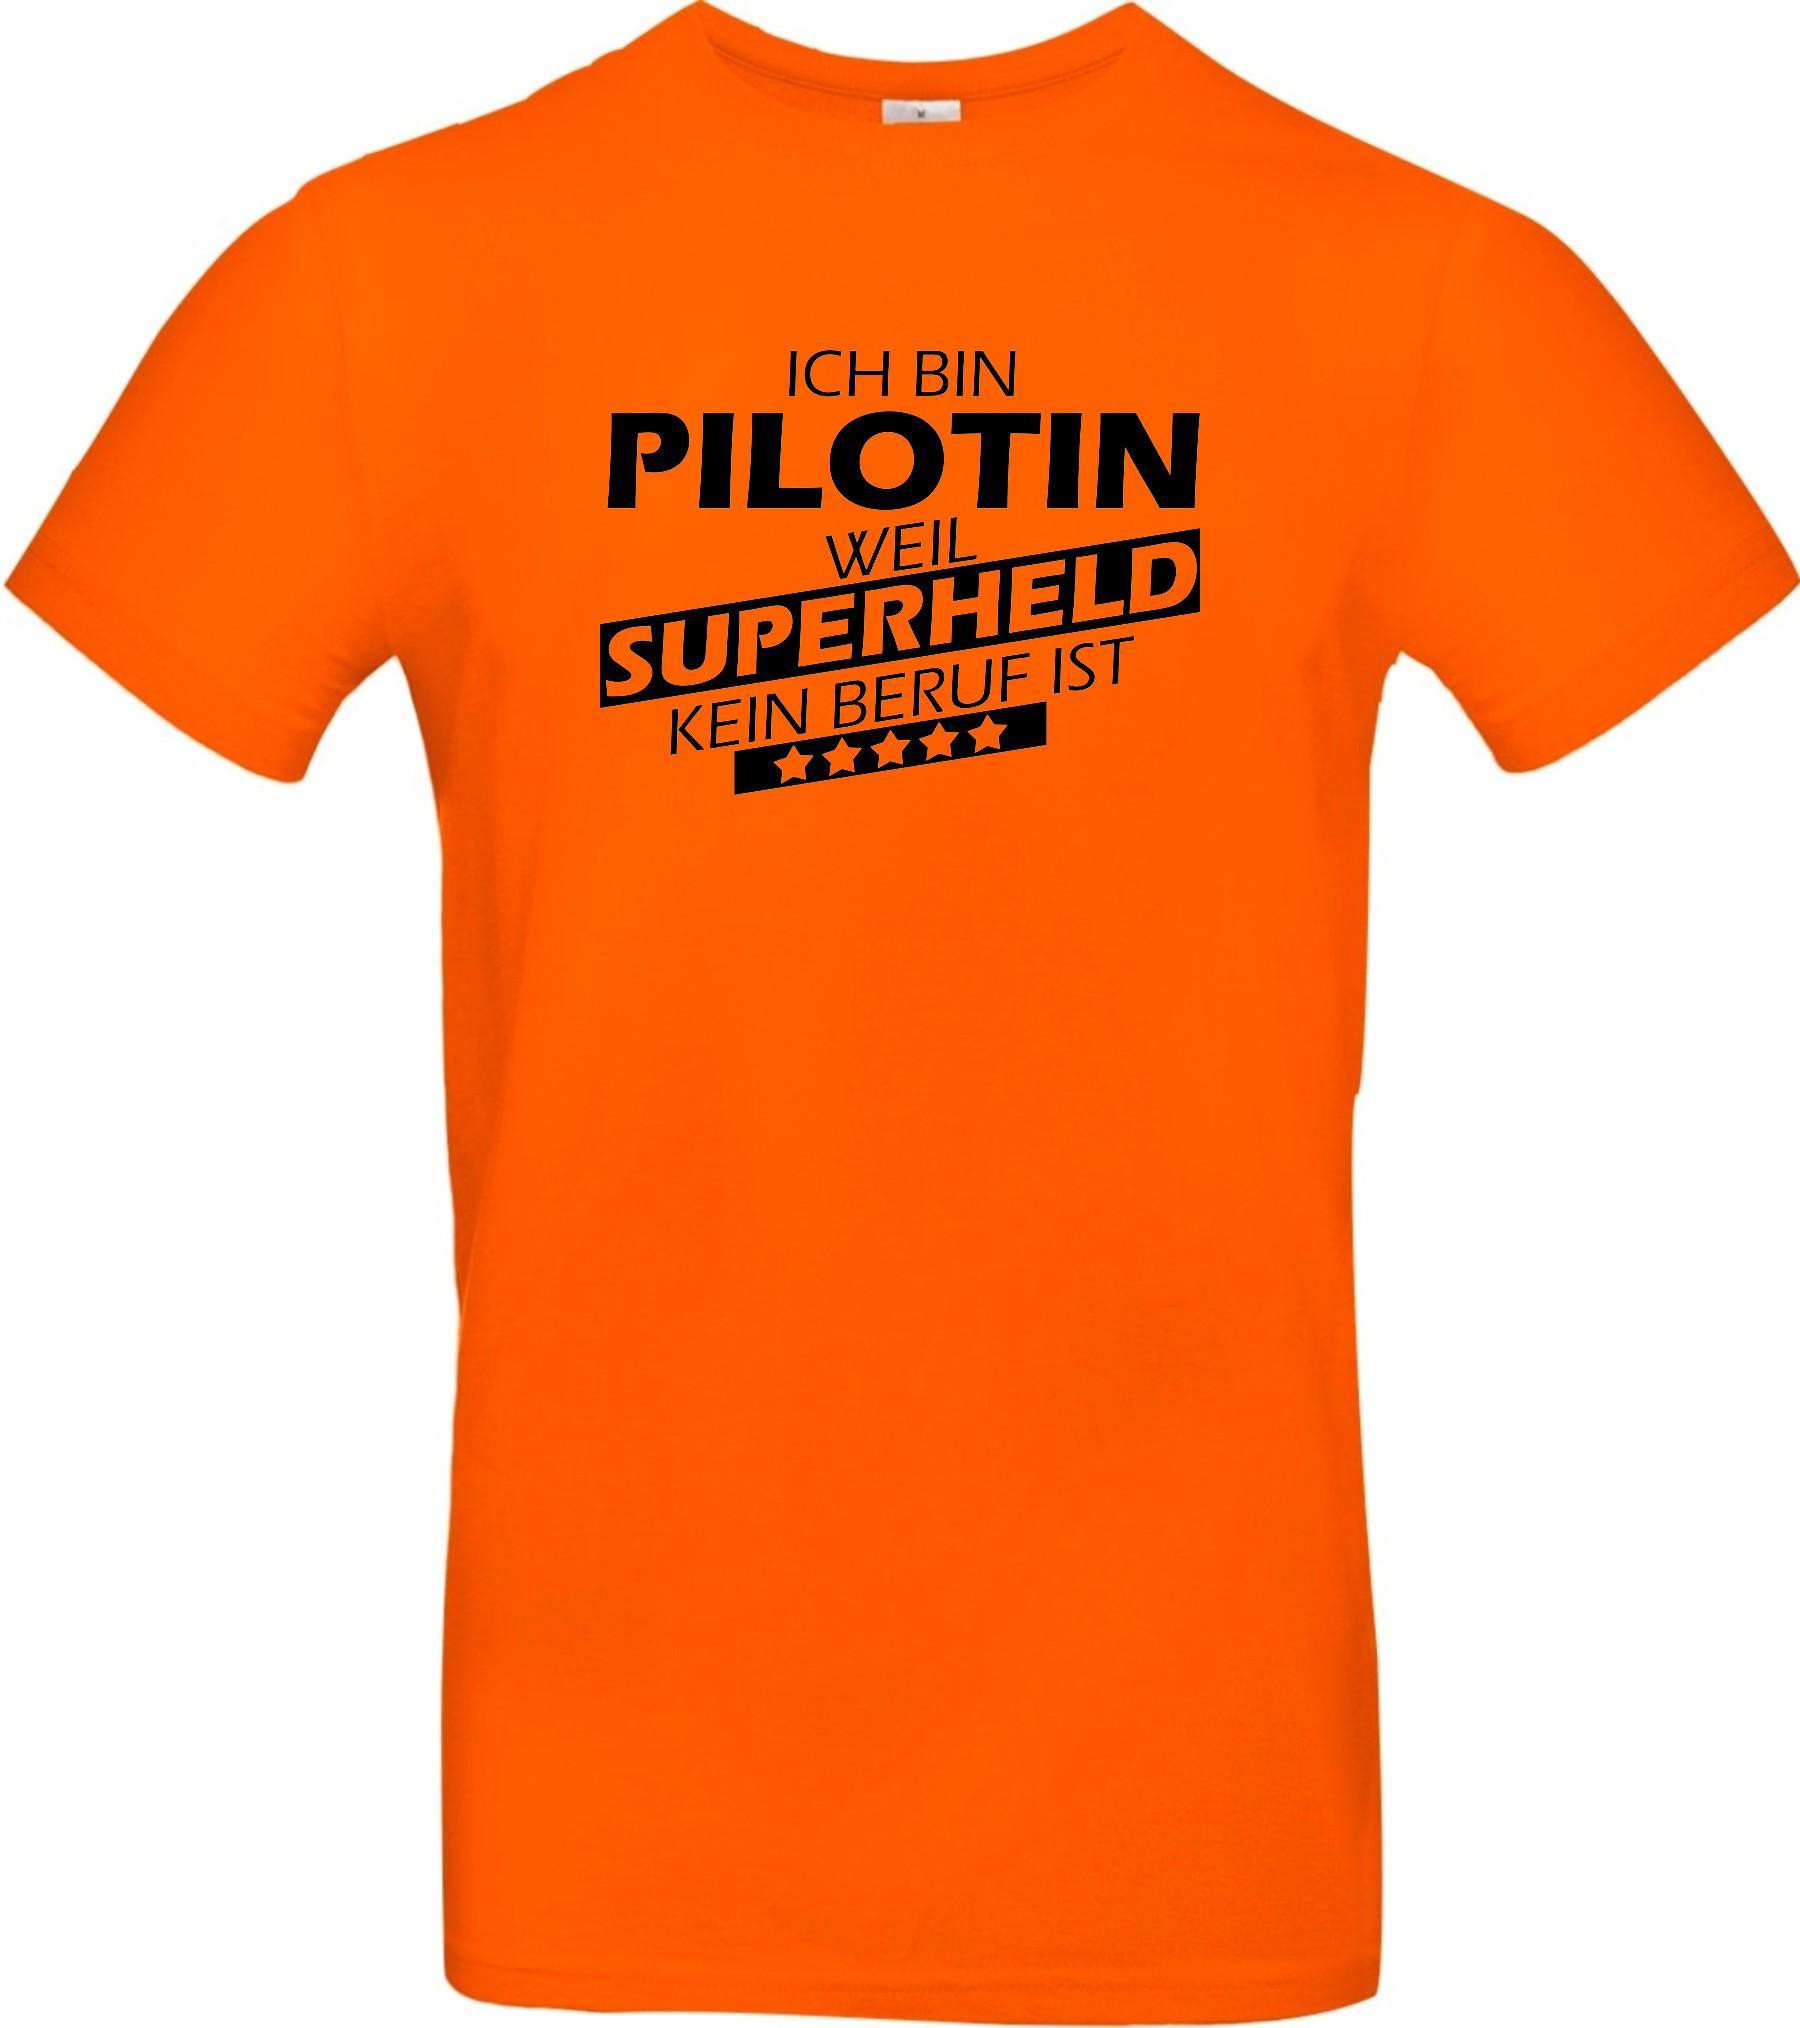 Maenner-Shirt-Ich-bin-Pilotin-weil-Superheld-kein-Beruf-ist